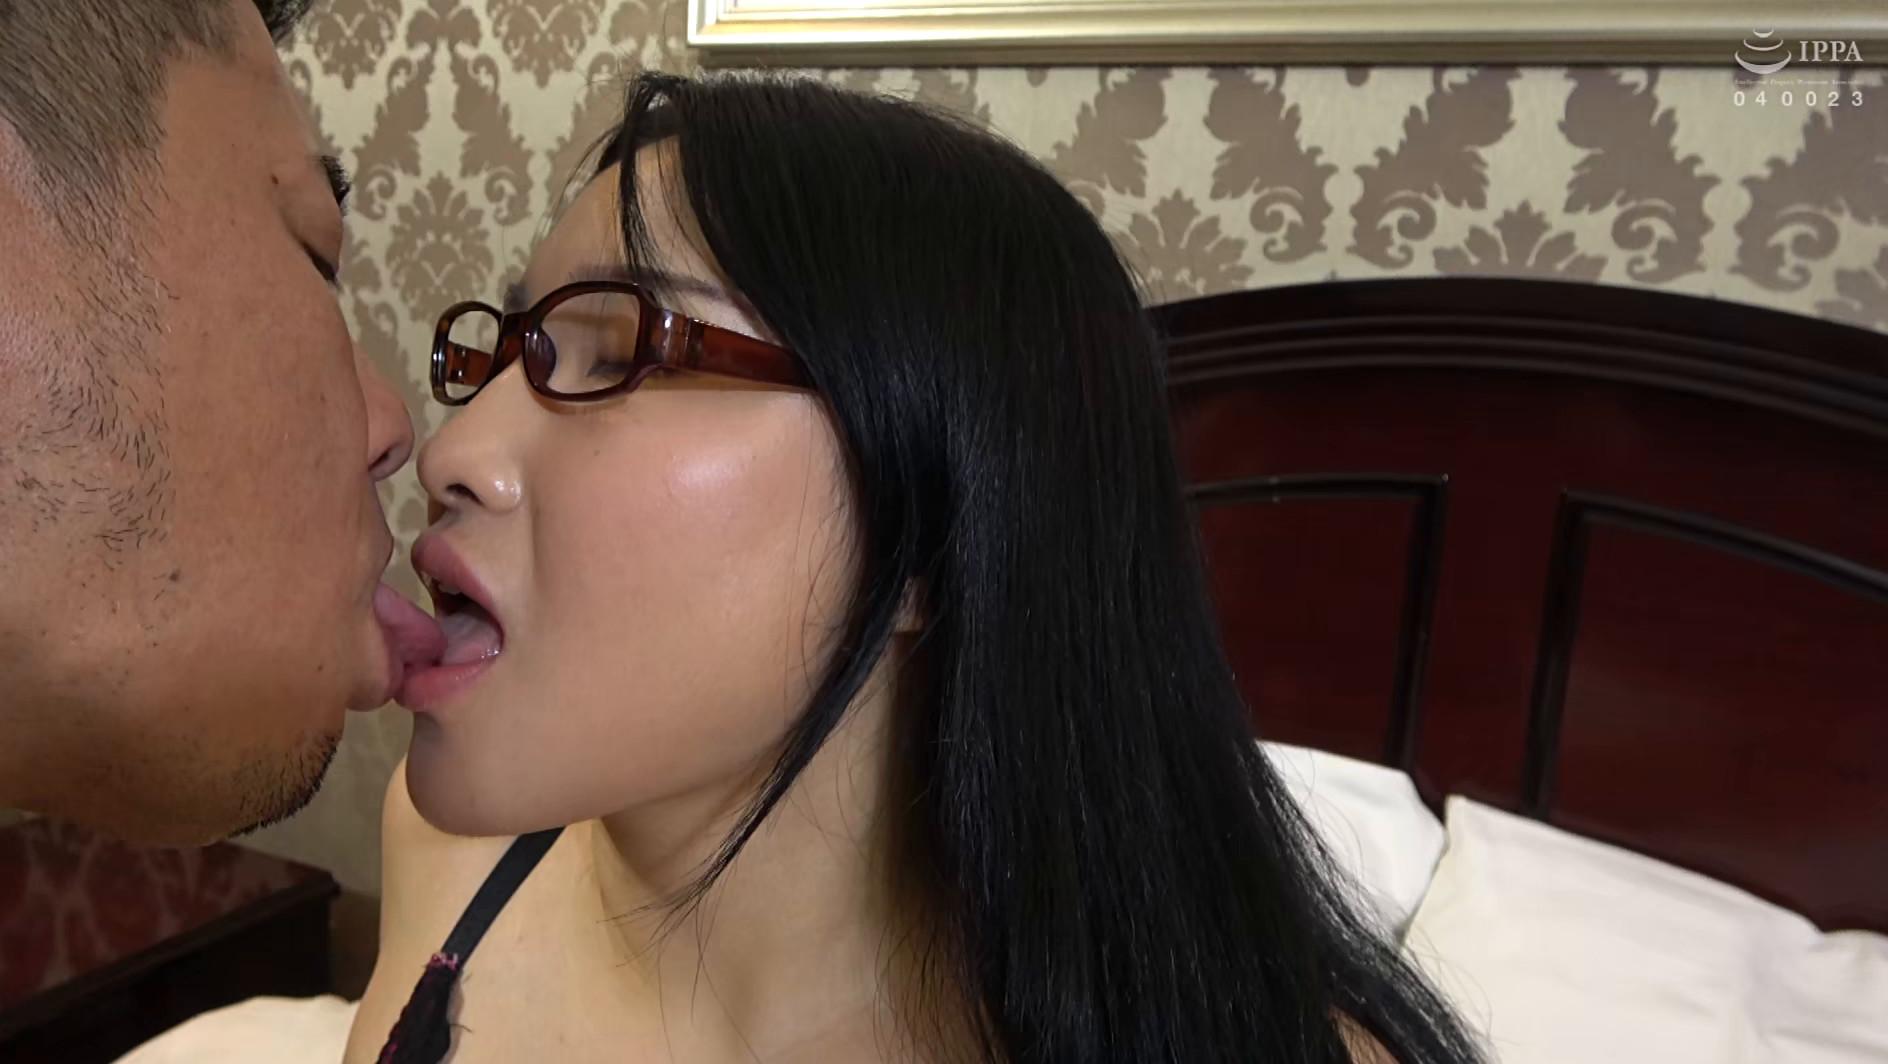 韓国で見つけた読書に夢中な堅物系の彼女は、エッチなこと好きでしょ?の直球質問にドギマギ!見かけによらずヤラしいパンティと舌出しべろちゅーで男をその気にさせる! 画像12